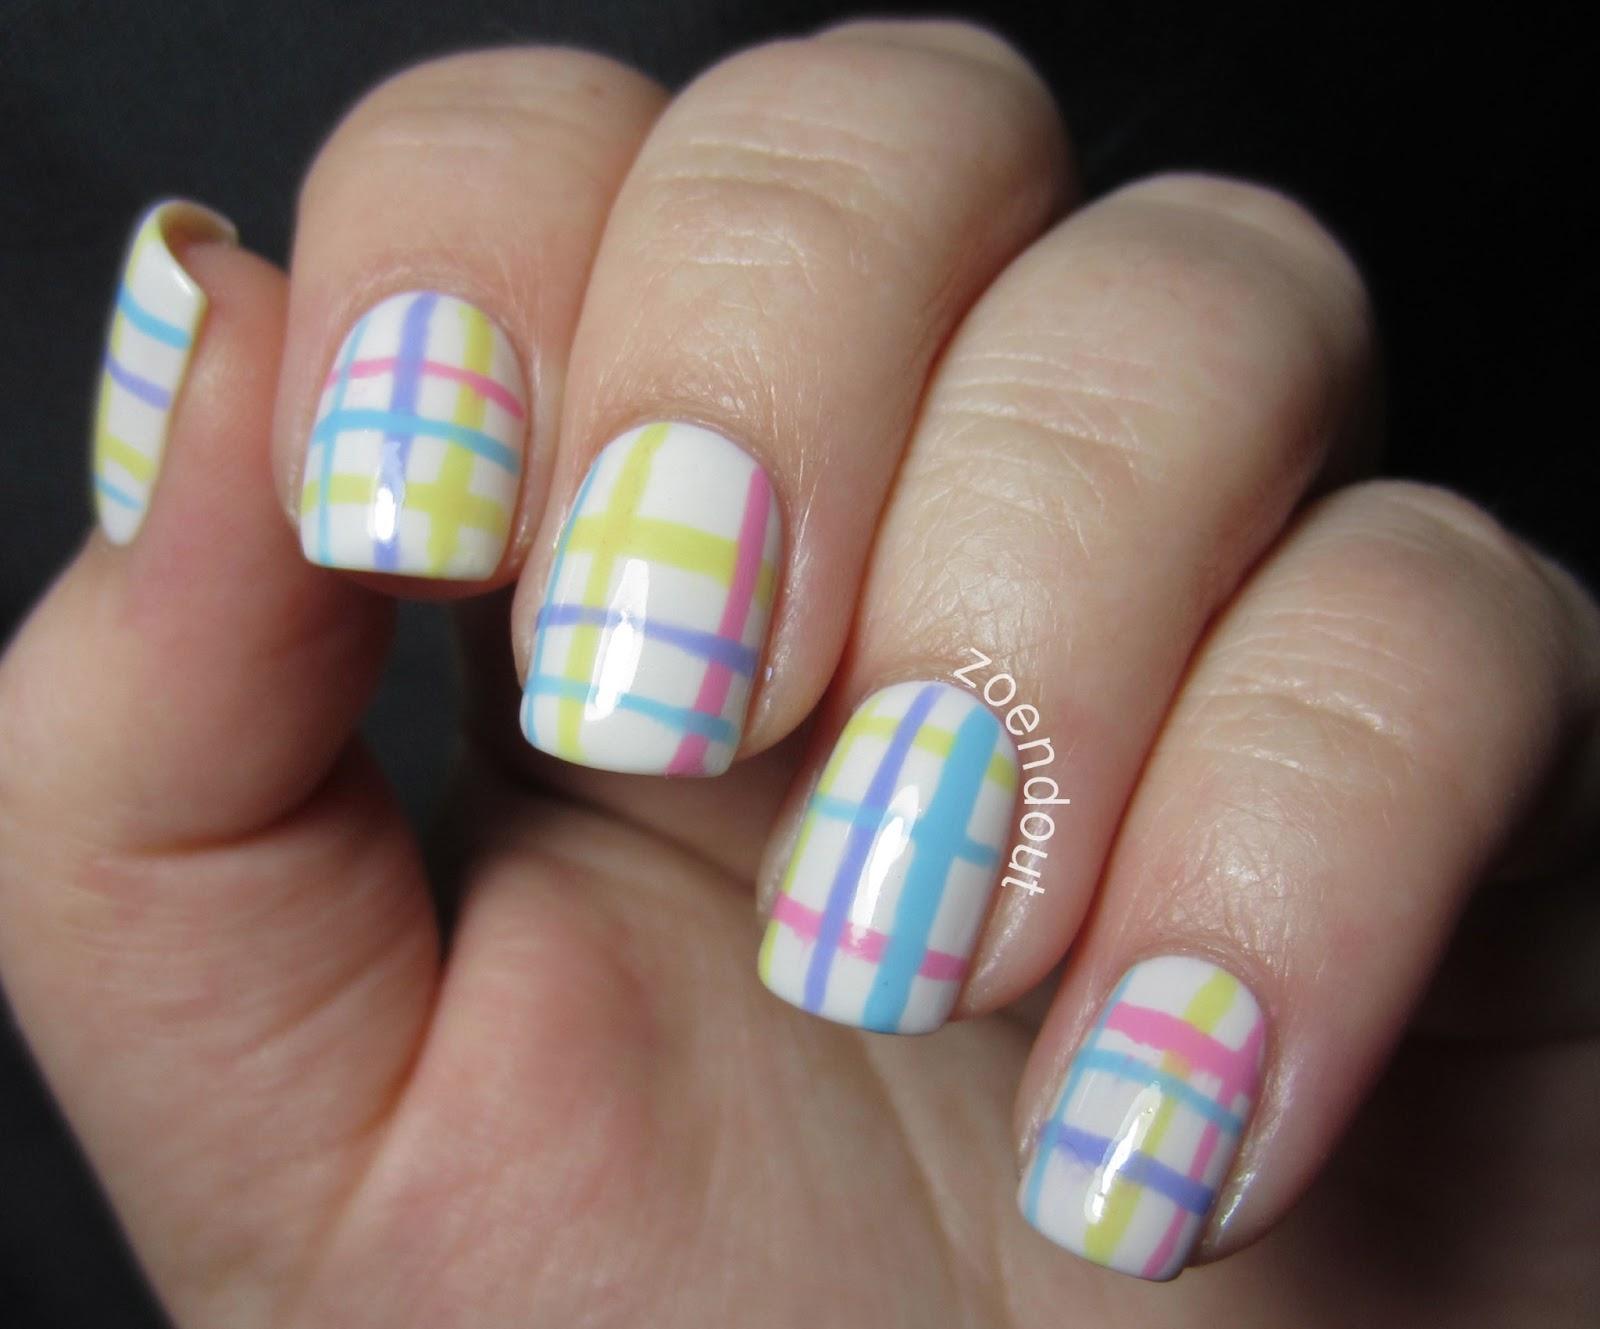 Zoendout Nails: Pastel Plaid